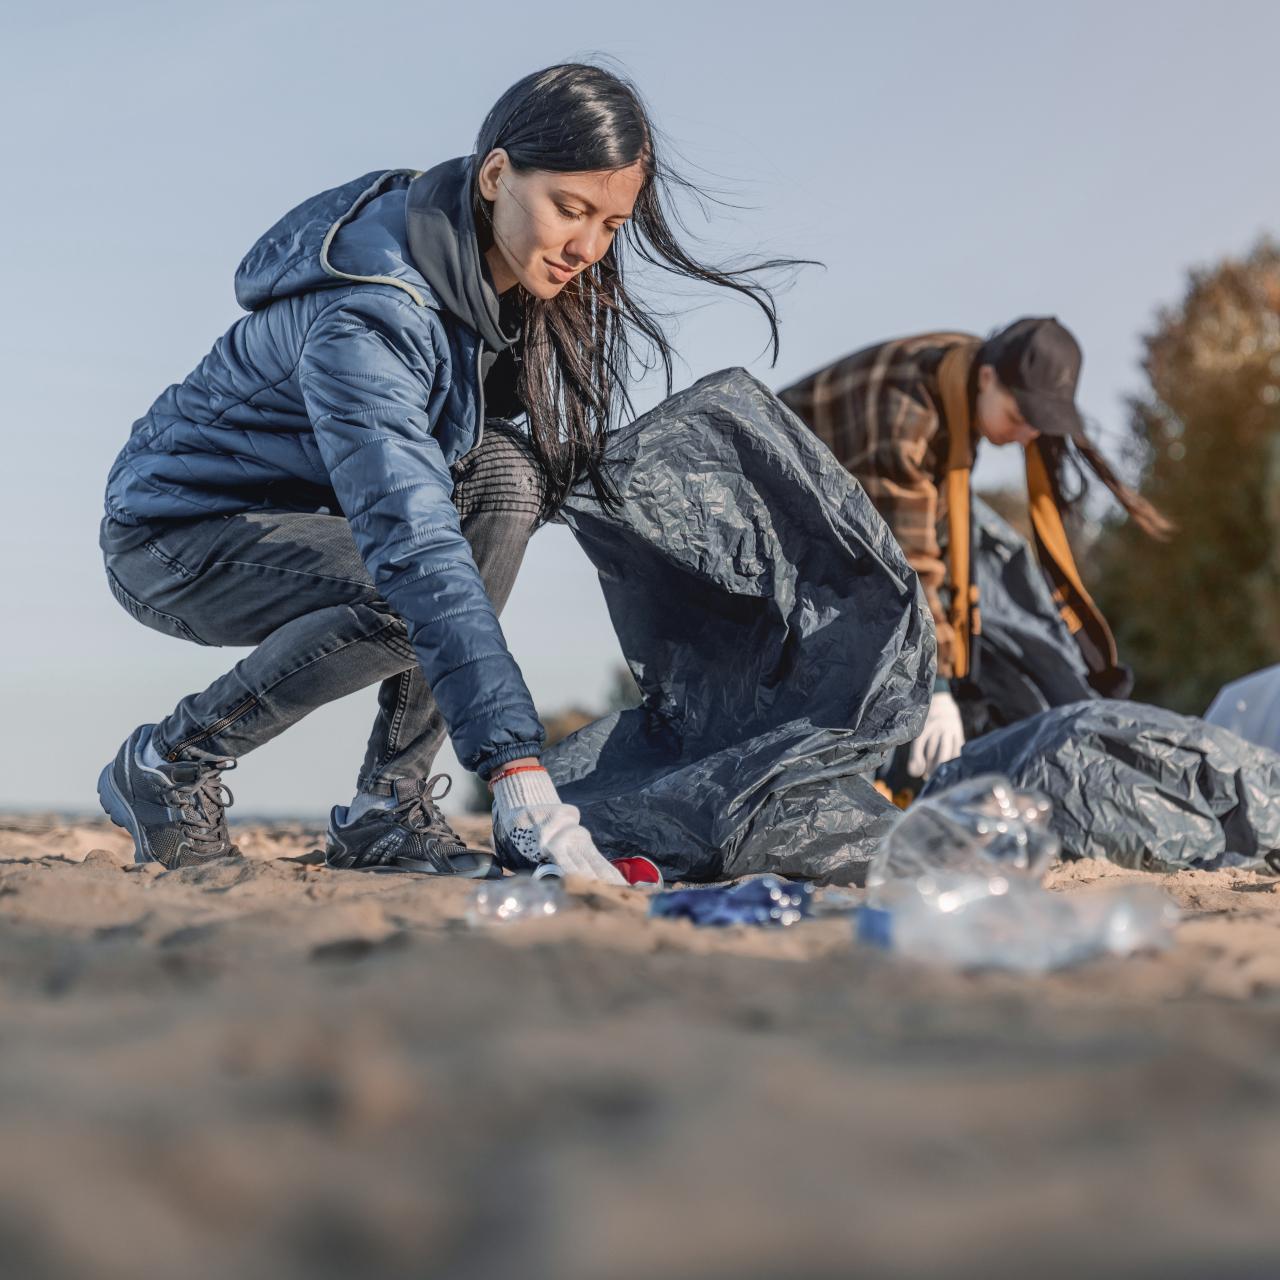 Μέχρι χτες - Aegean Recycling - Εταιρεία Ανακλυκλωσης - Χυτήρια